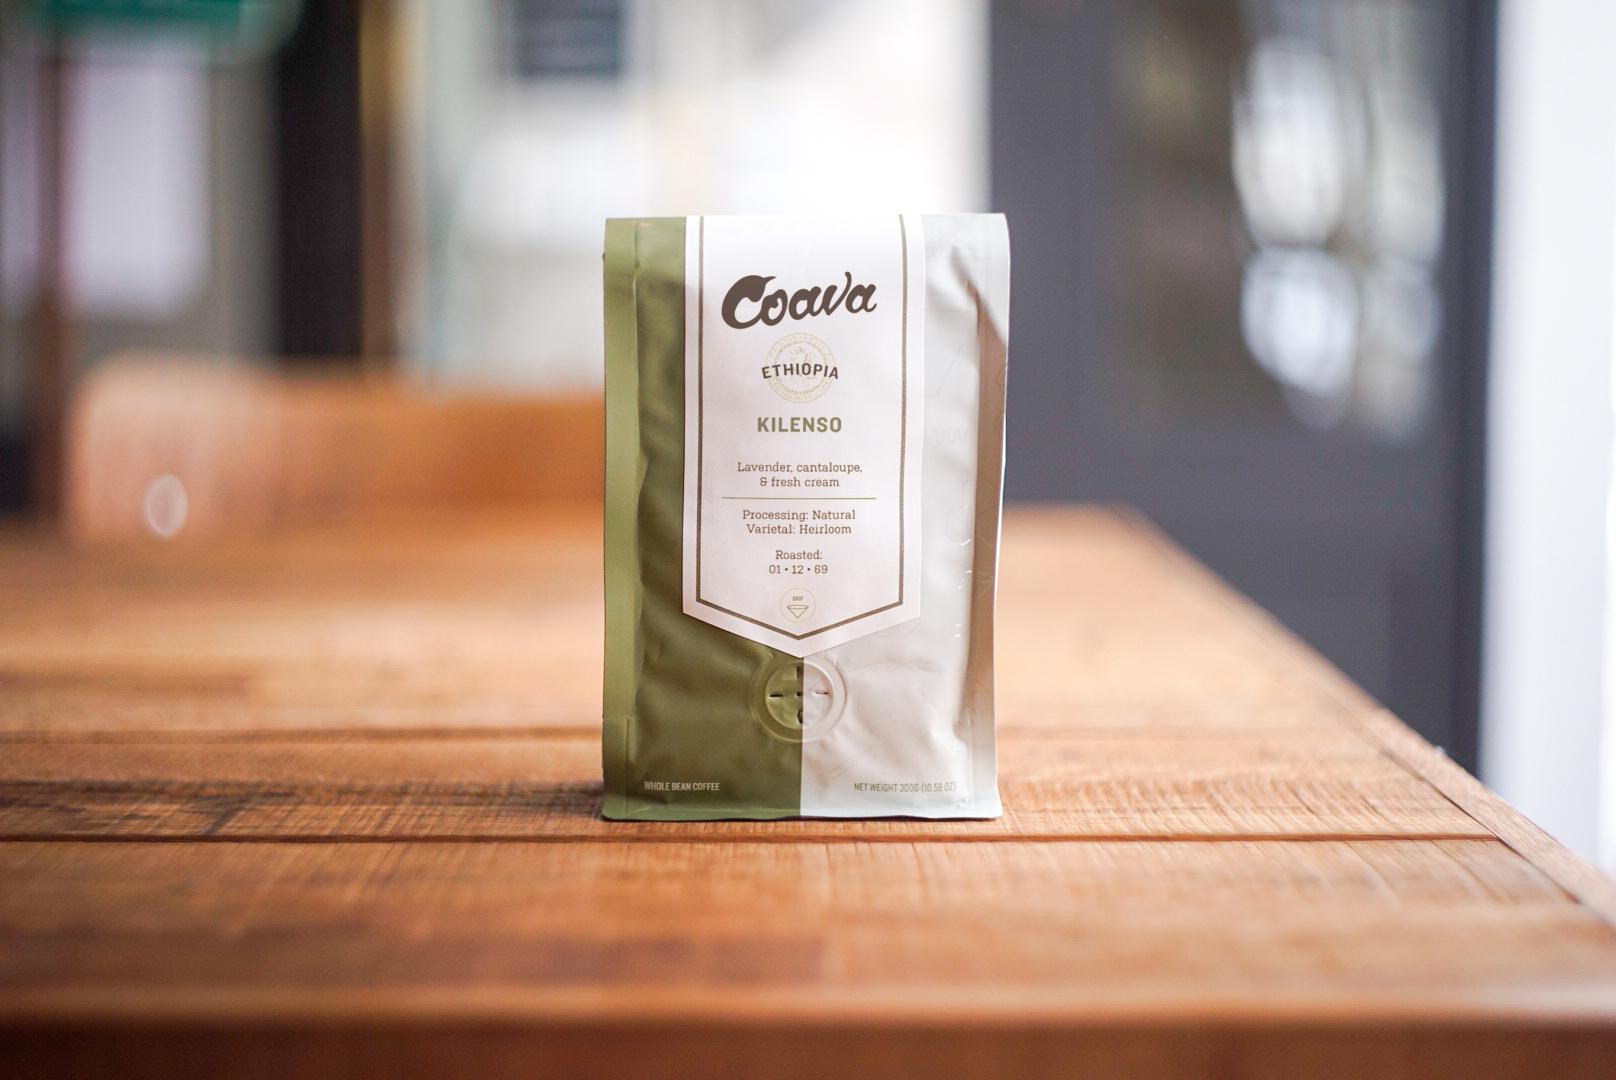 シングルオリジン Coava coffee〈Kilenso〉ETHIOPIA 300g